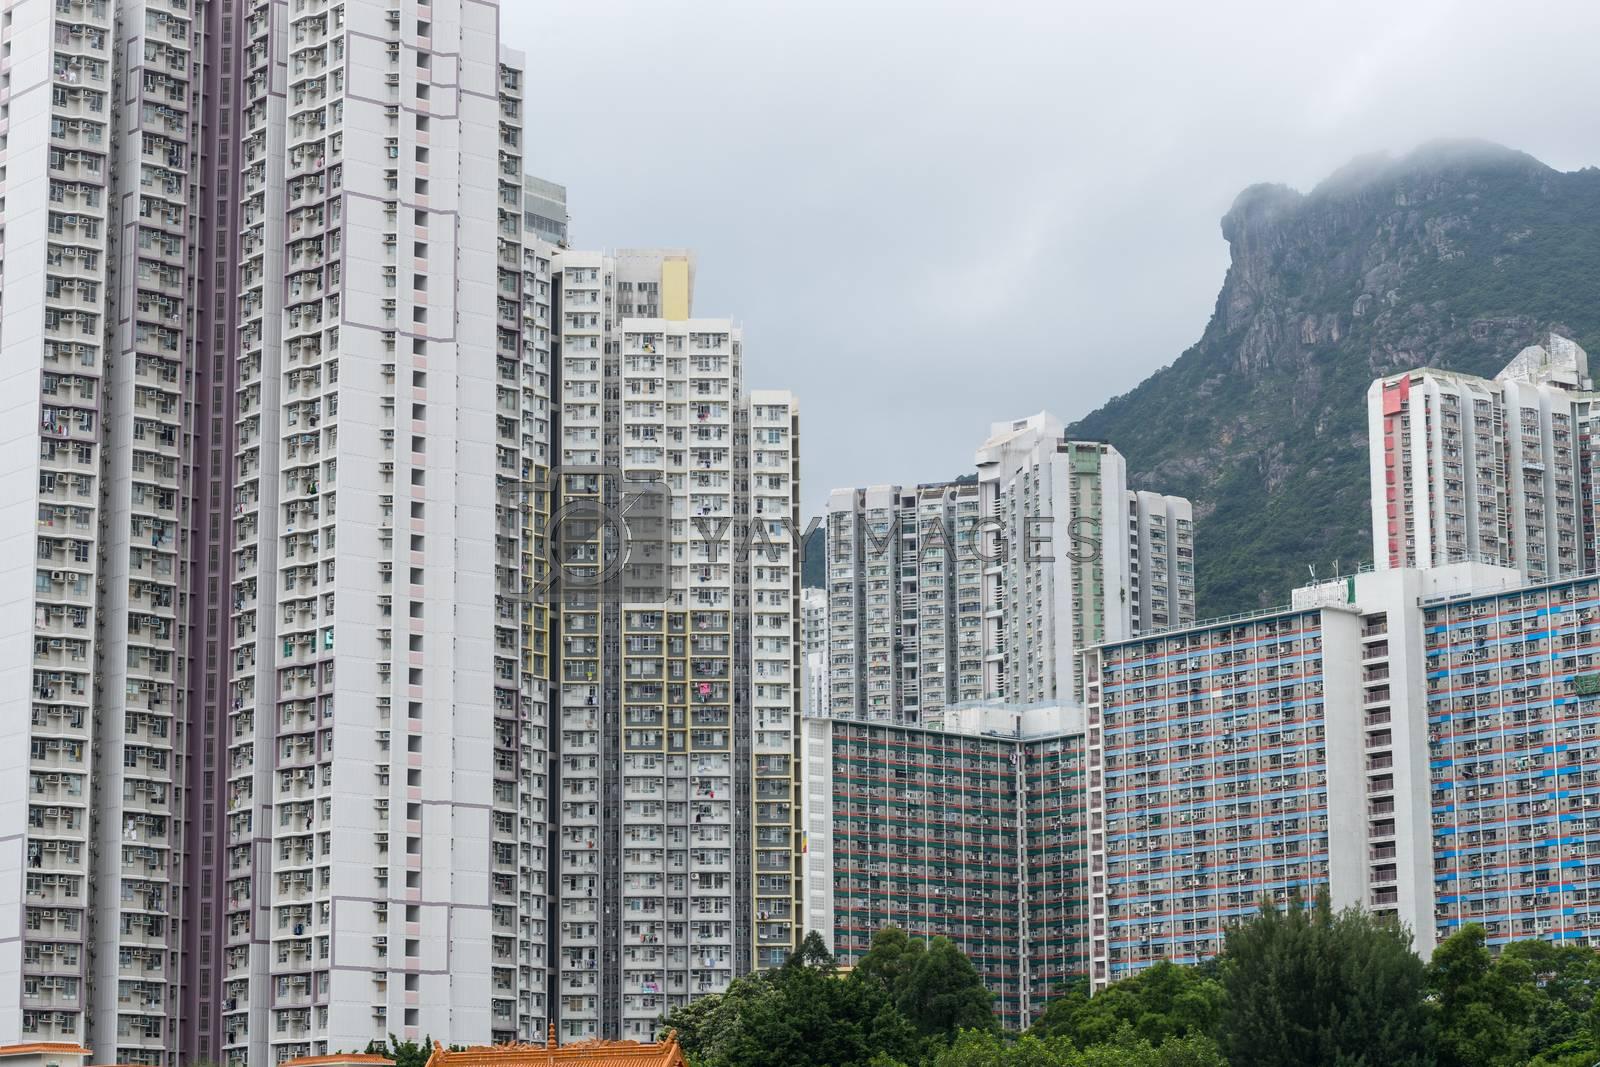 Royalty free image of Hong Kong cityscape by leungchopan